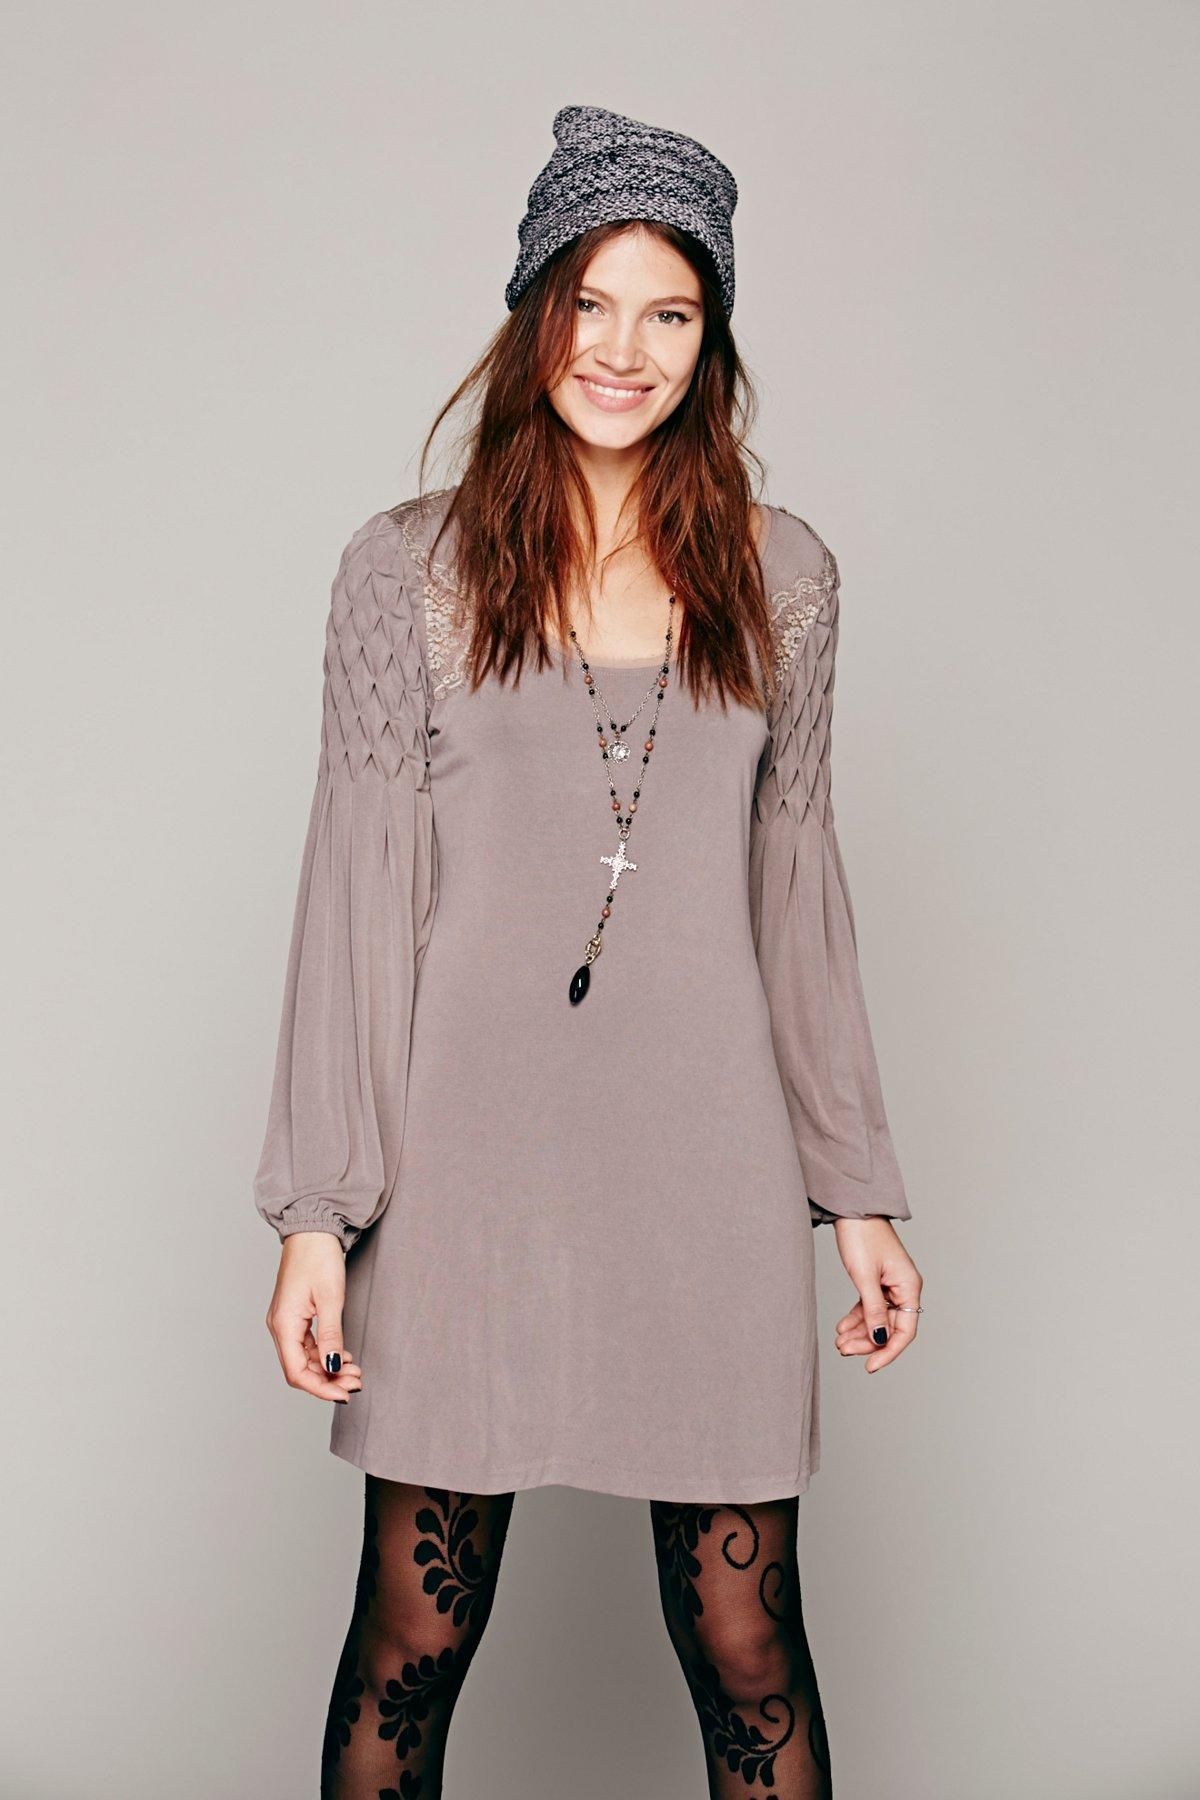 Jess' Mini Dress